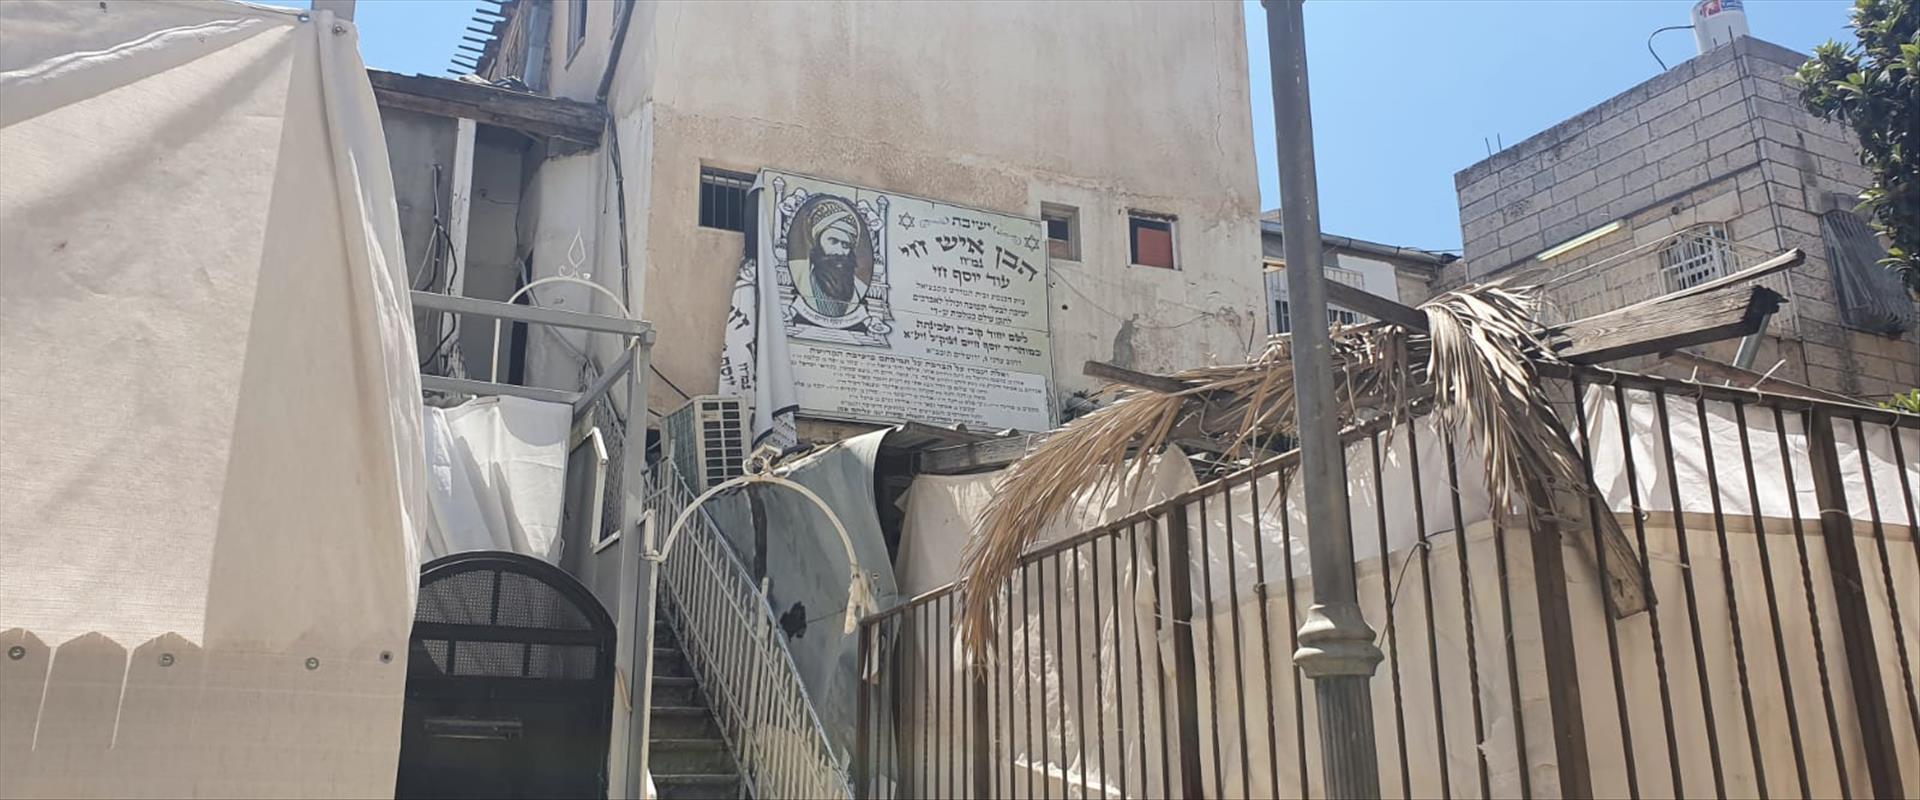 שכונת בית ישראל בירושלים